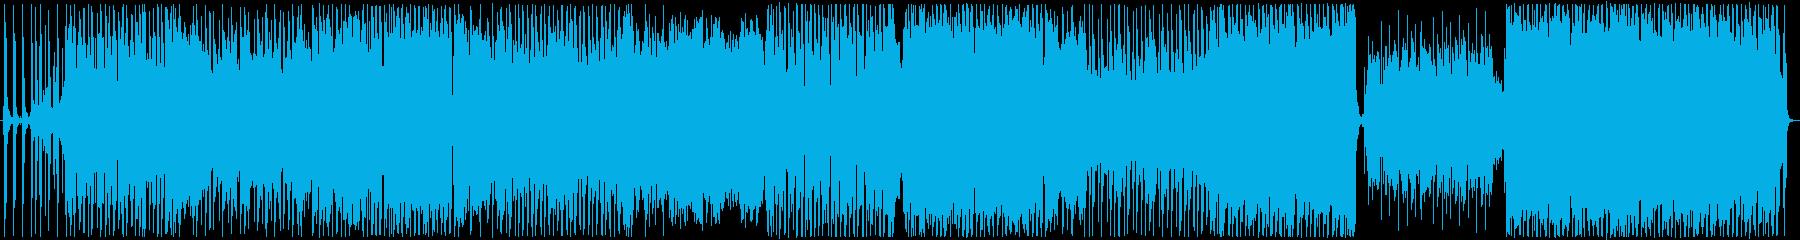 night museumの再生済みの波形